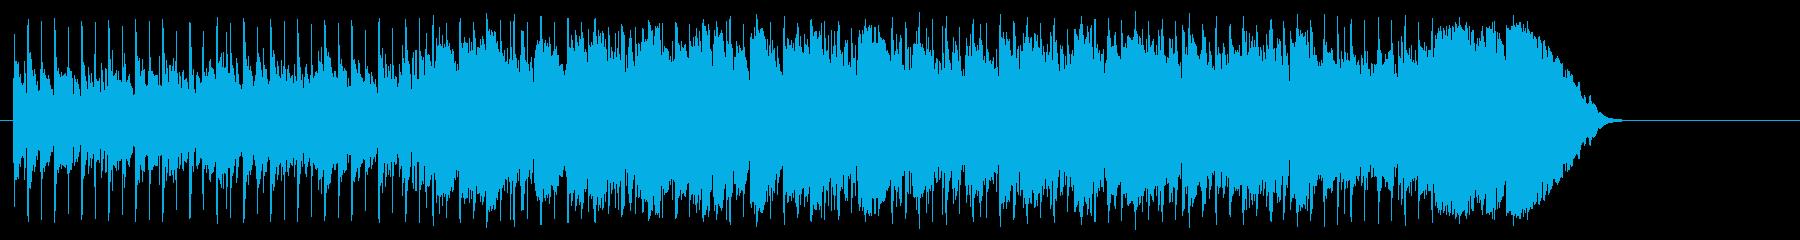 充実感を感じる清涼ポップ(イントロ~…)の再生済みの波形